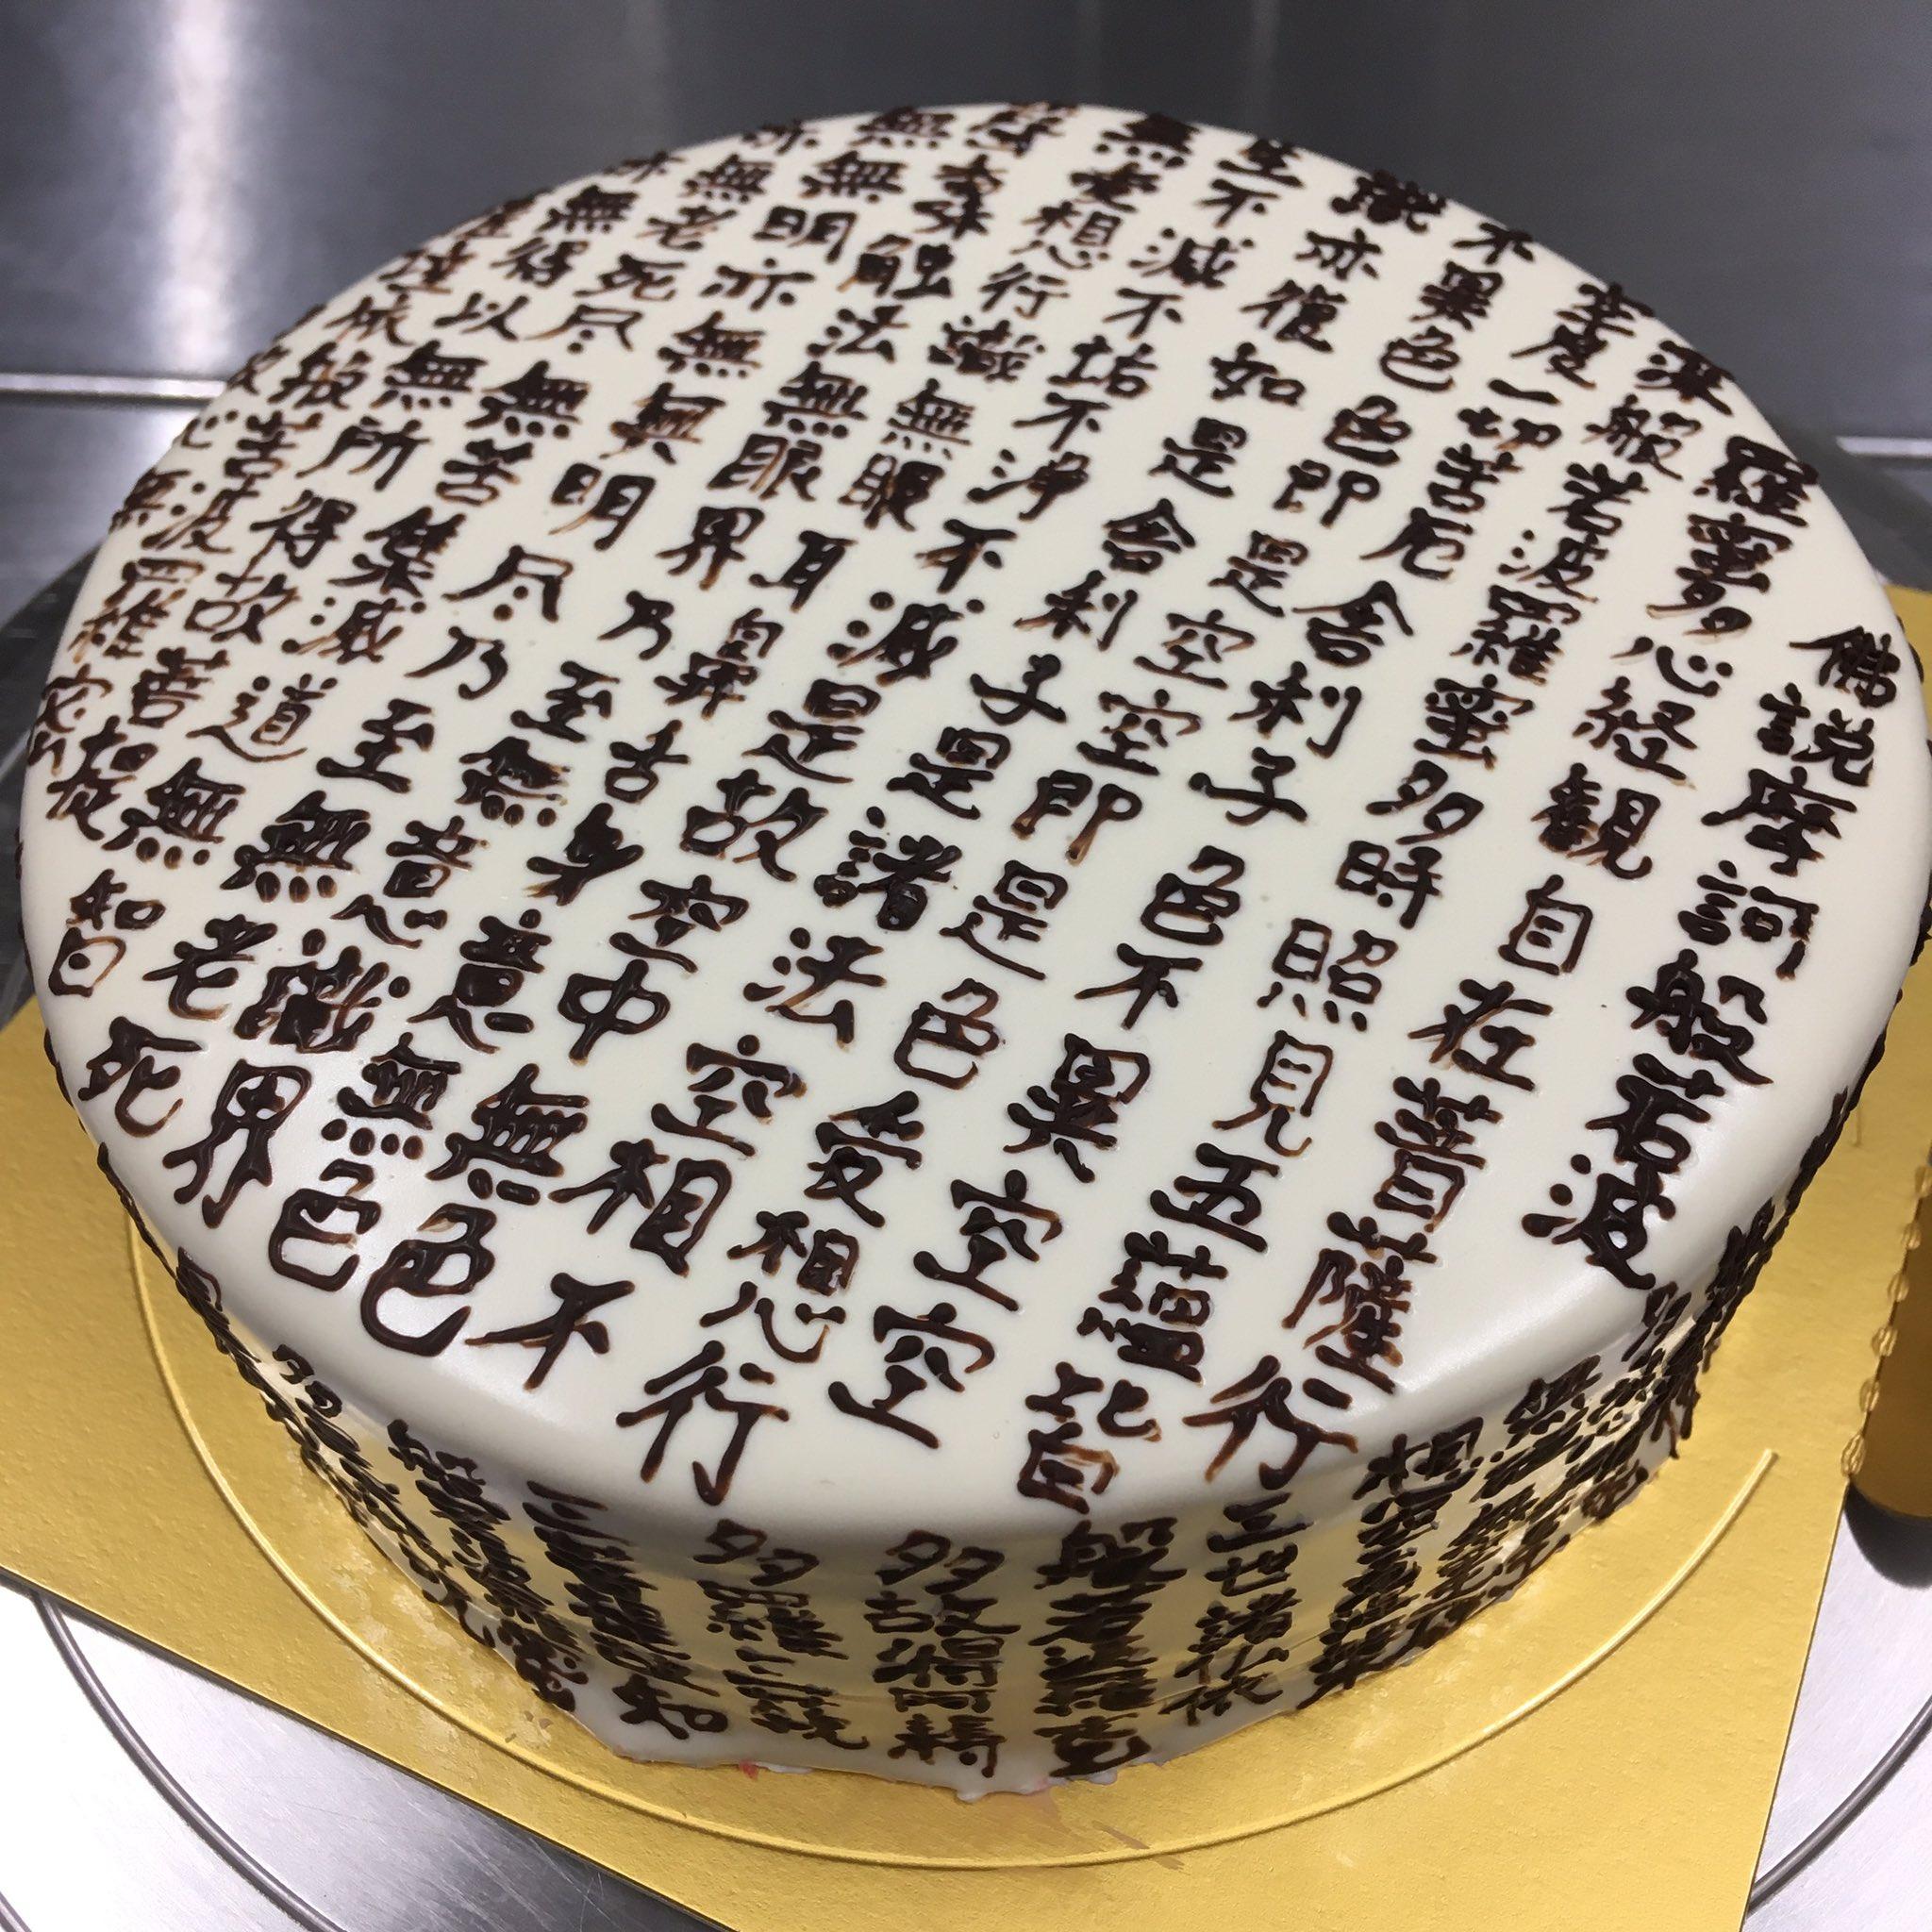 本日の特注ケーキ 友人の彼女さんの誕生日にと。 真っ赤なスポンジに白でコーティング。 全面にチョコで般若心経を書きました! お誕生日おめでとうございます🎊 だってこういうオーダーやったもん!